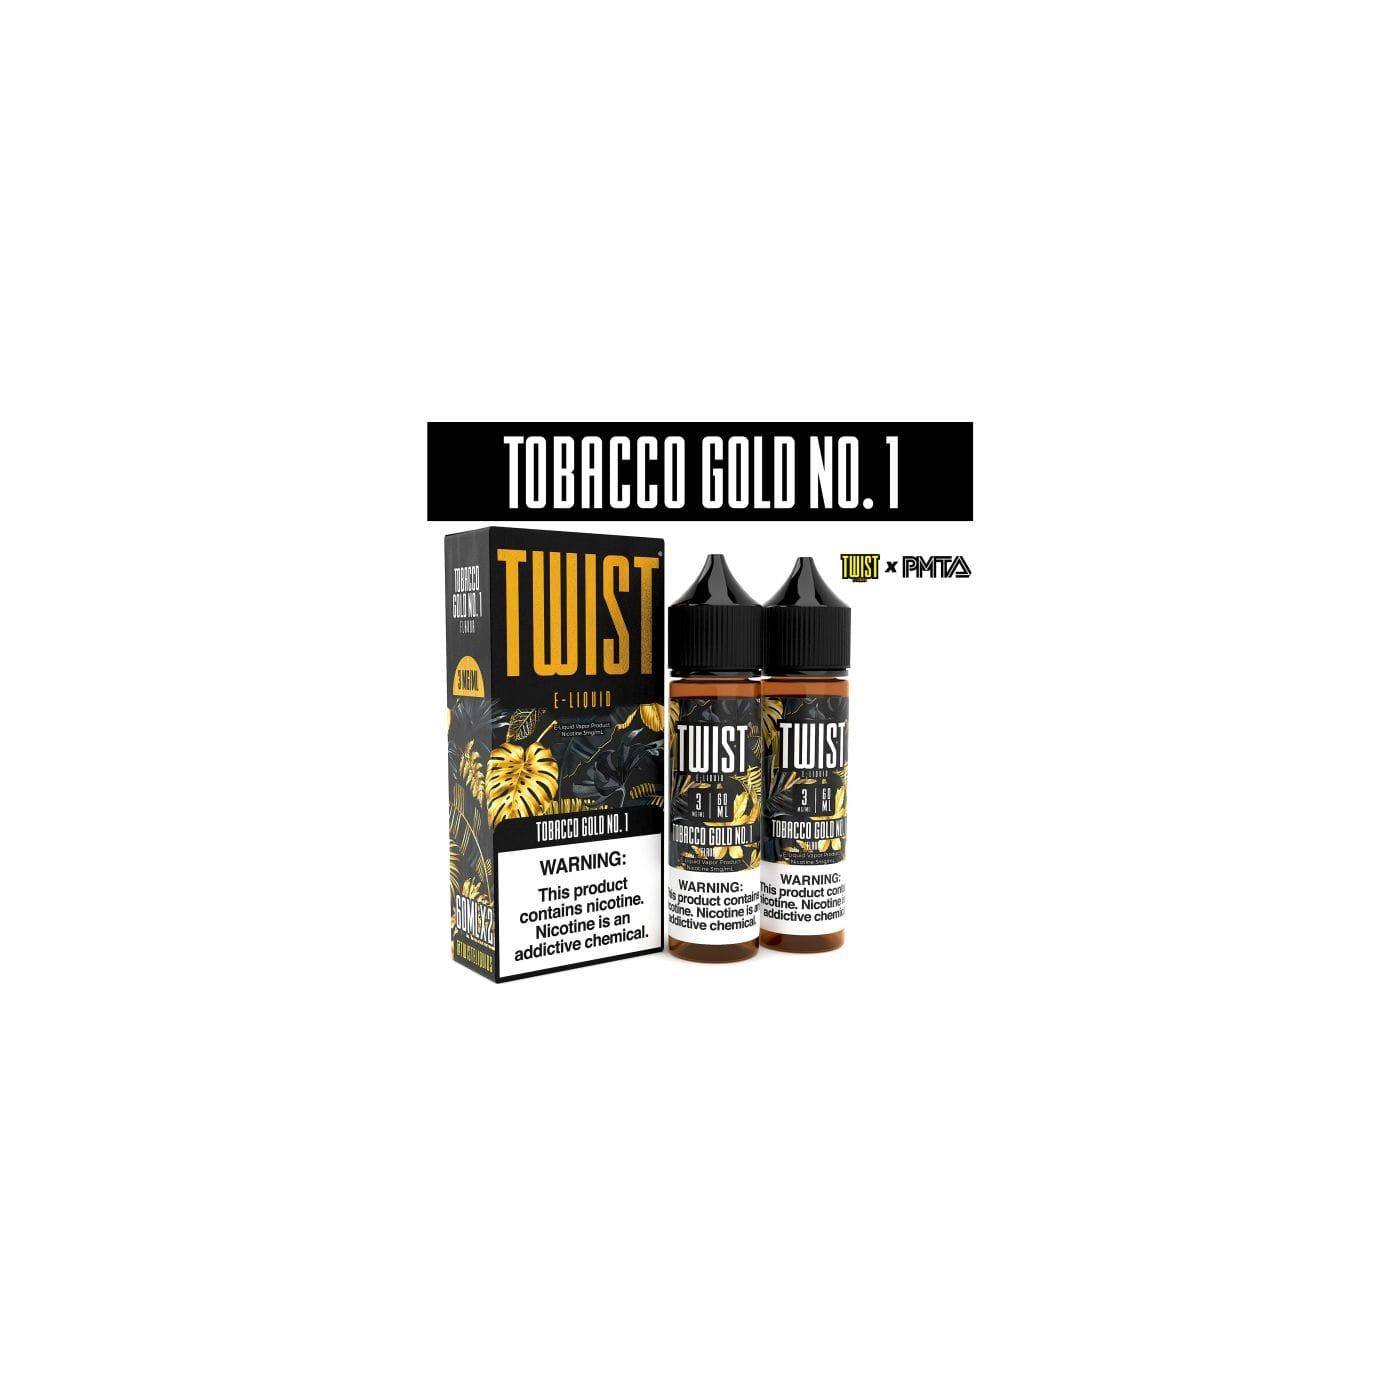 Twist Tobacco Gold No. 1 - 2 Pack